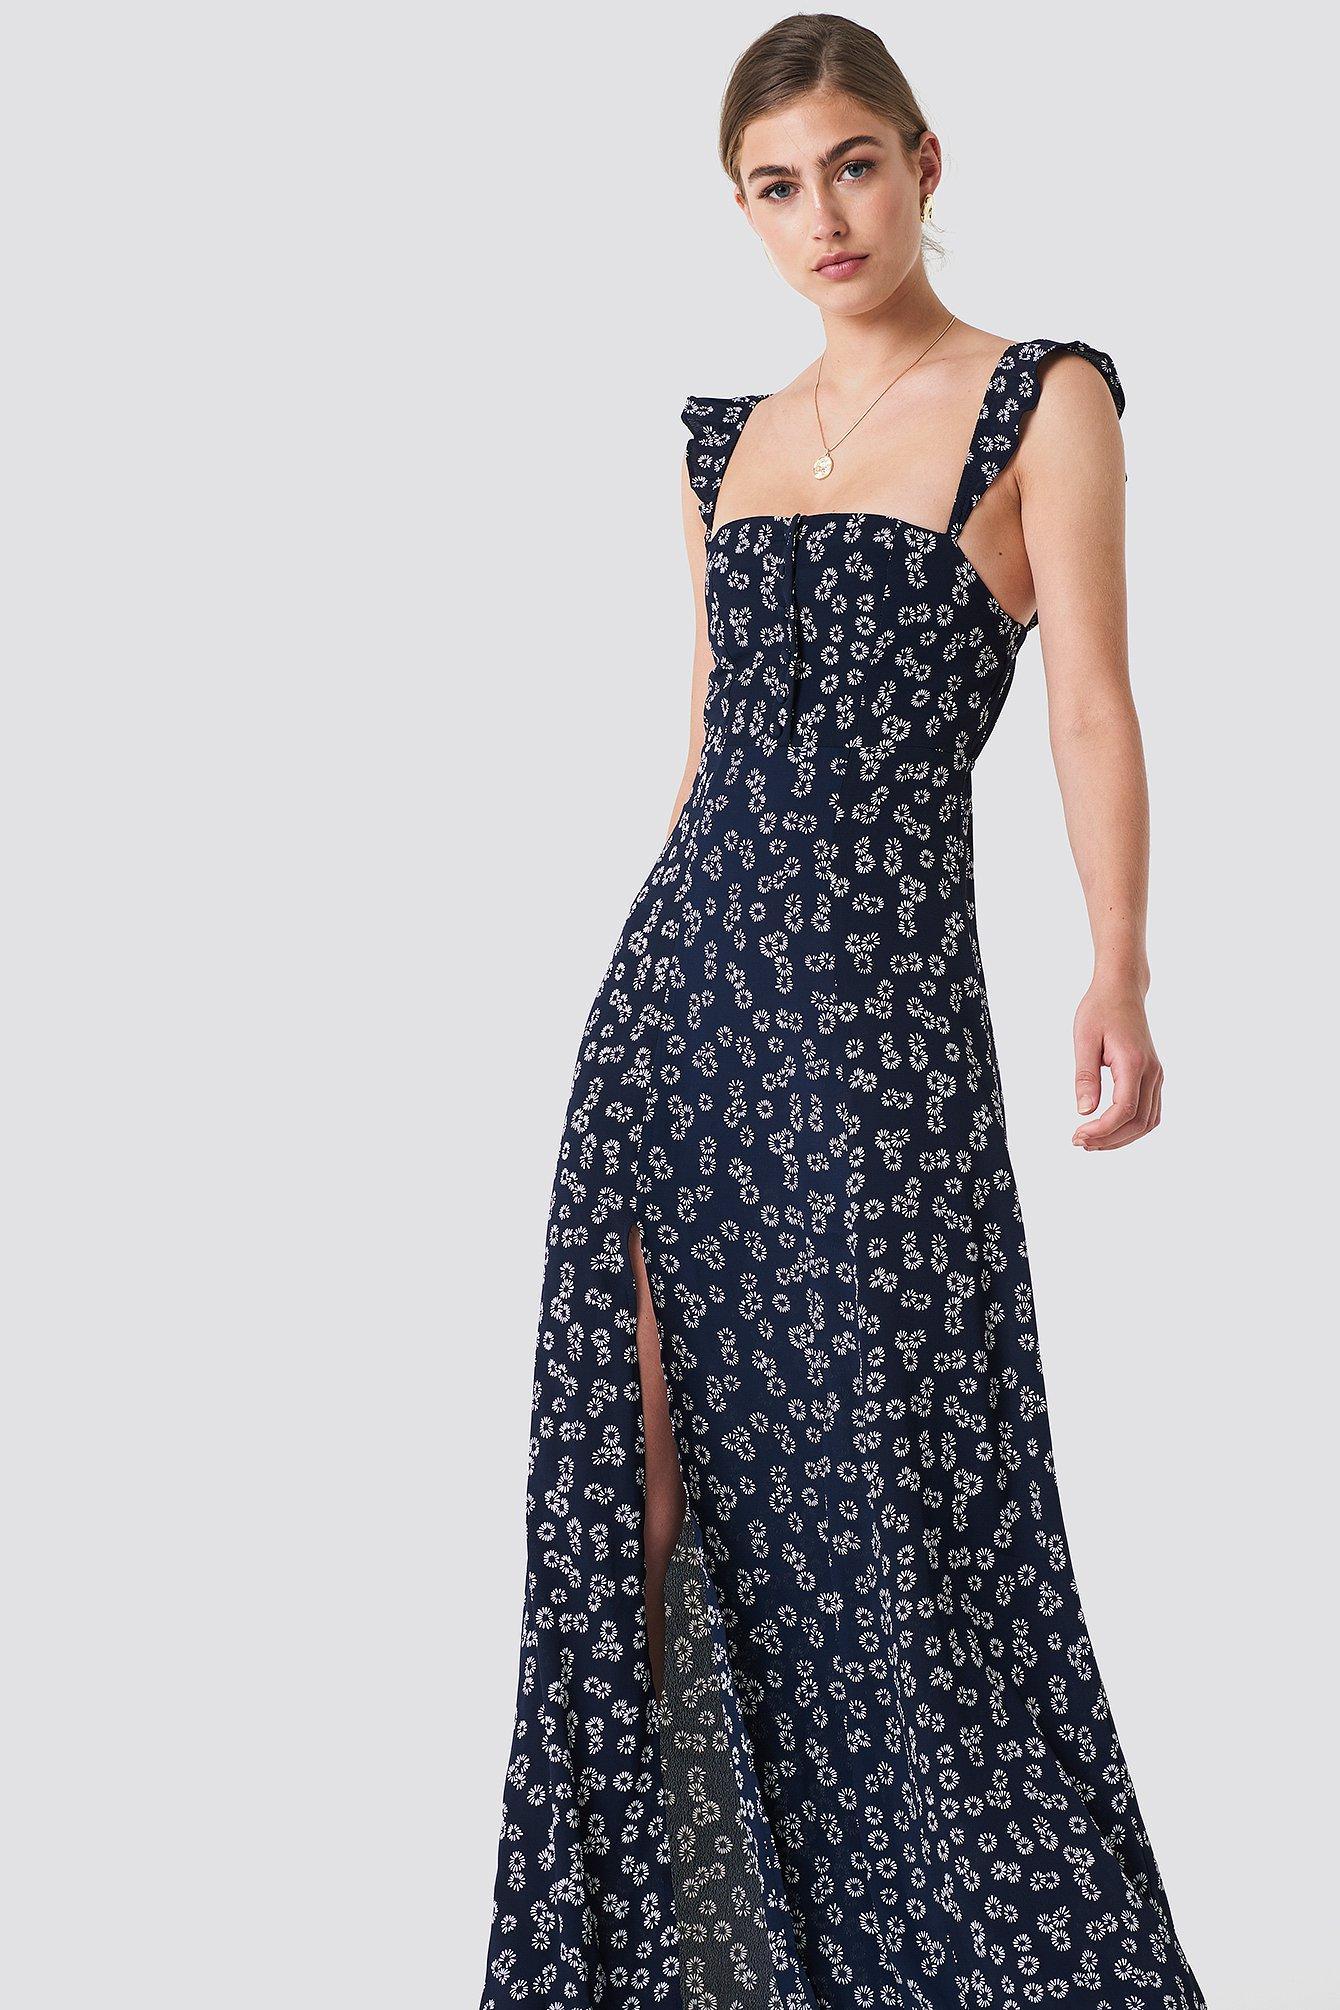 310f5b6d3d7 Flynn Skye Bardot Maxi Dress - Blue